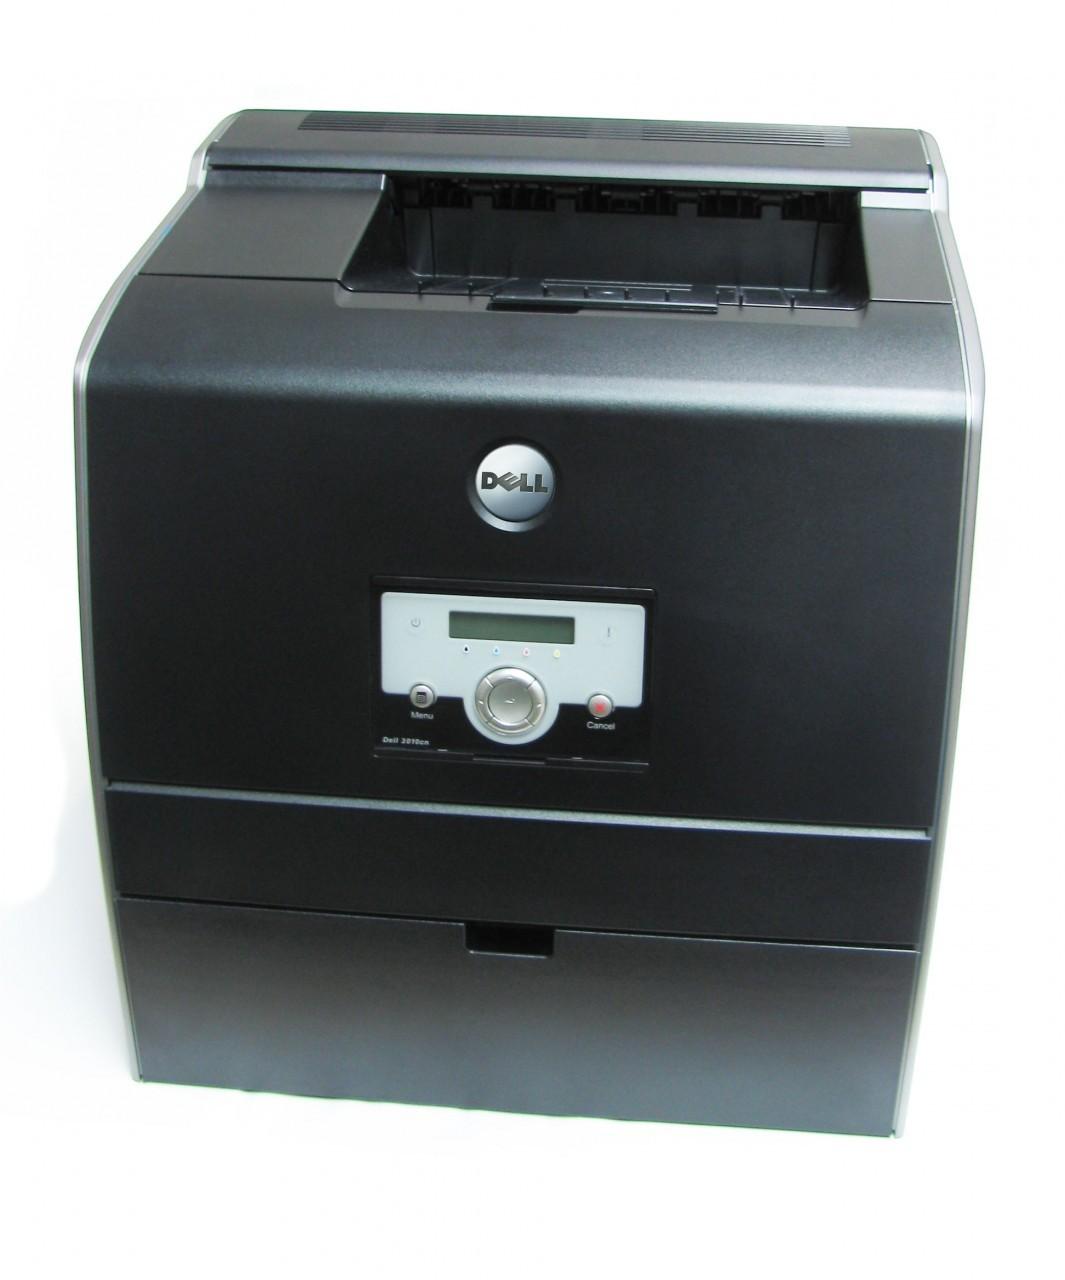 Driver for Dell 3110cn Printer